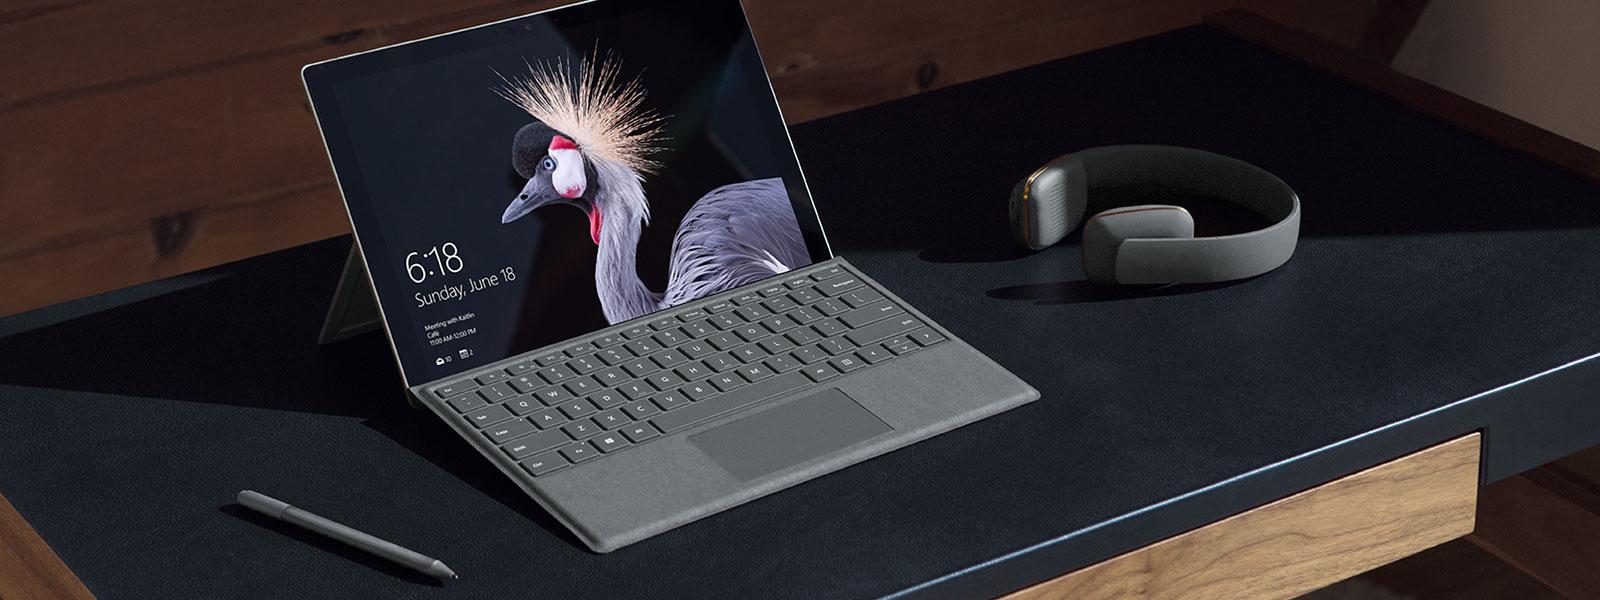 Bild von Surface Pro Signature Type Cover auf einem Tisch.